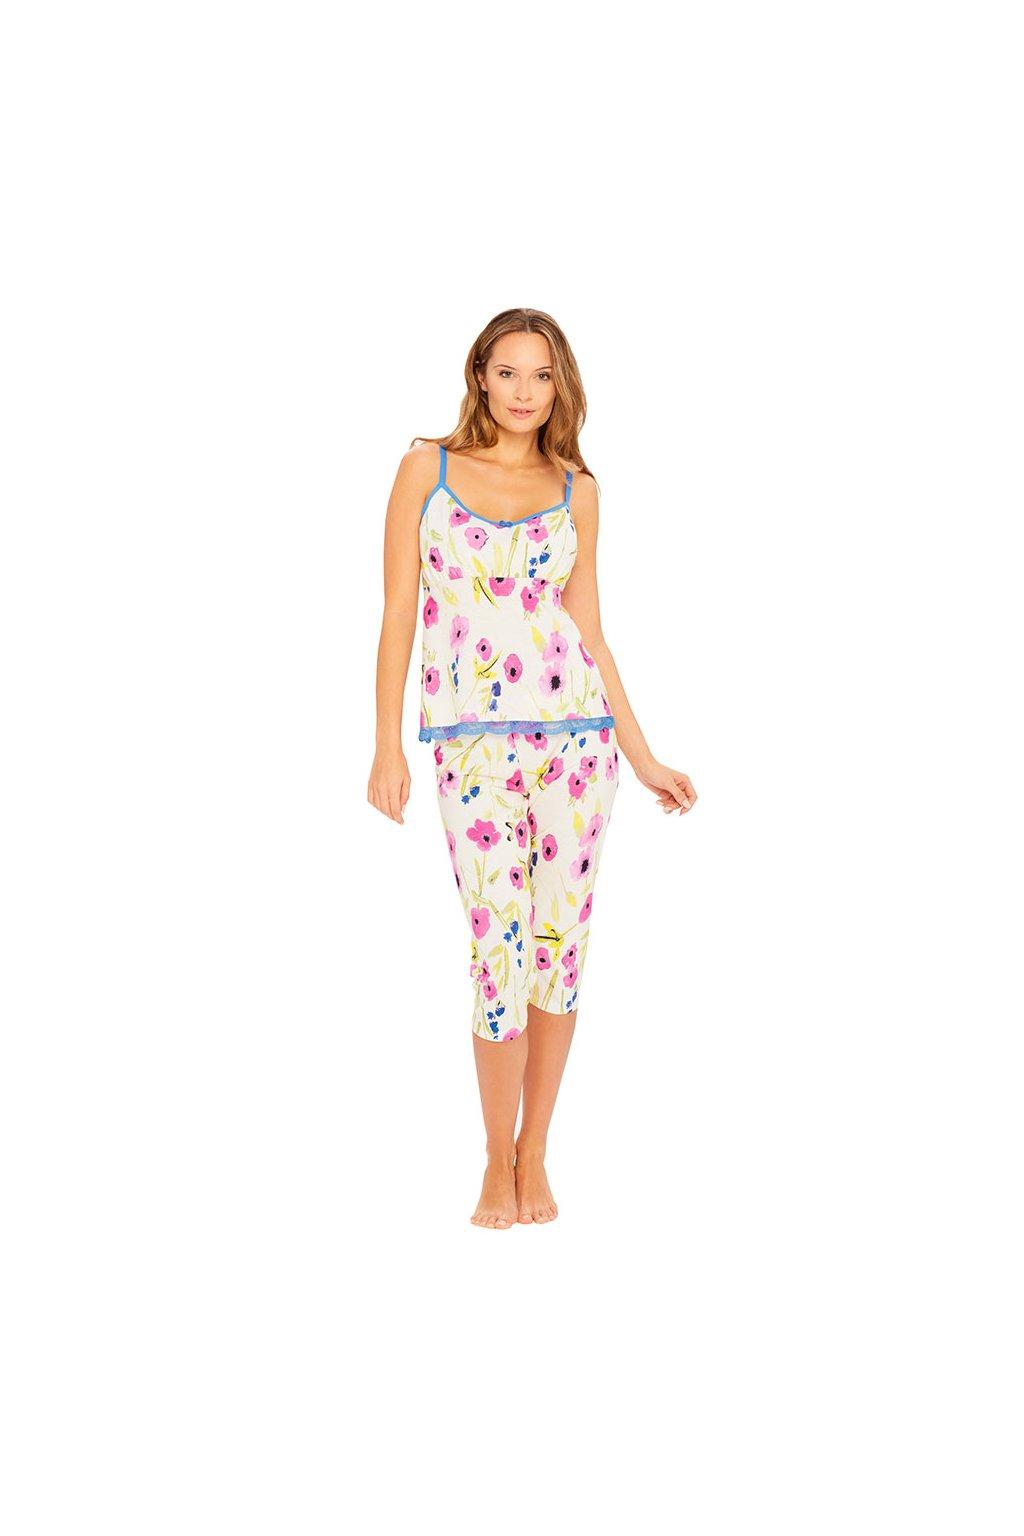 Dámské pyžamo s úzkými ramínky, 104398 130, smetanová